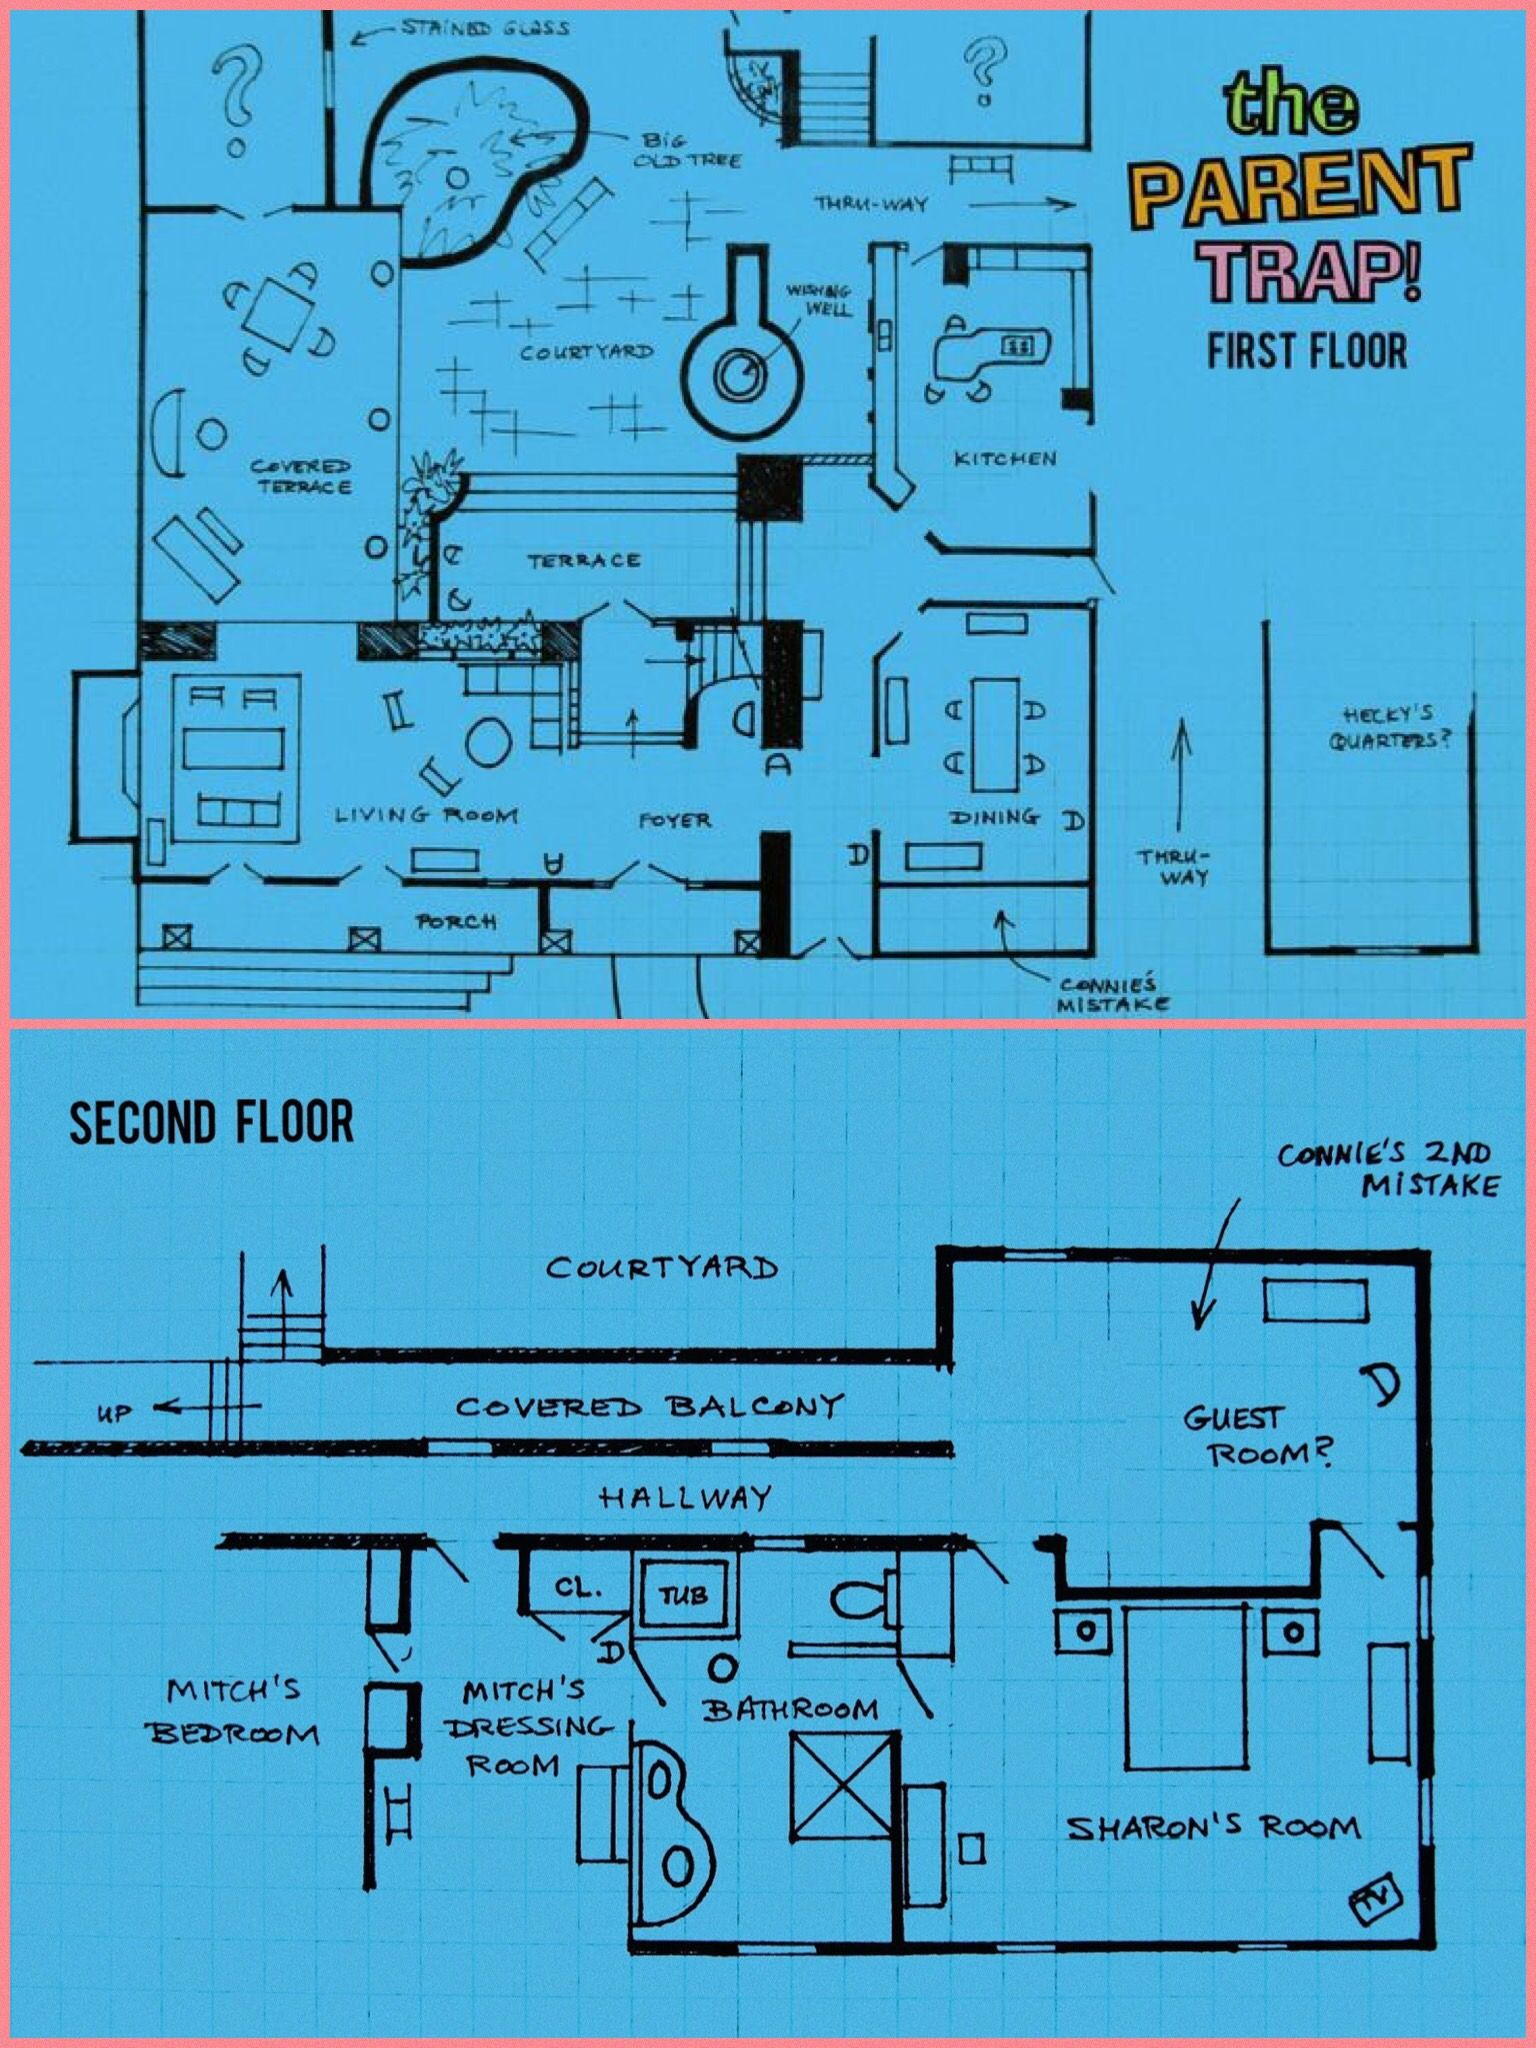 THE PARENT TRAP FLOOR-PLANS   Houses   Pinterest   Parent trap ...